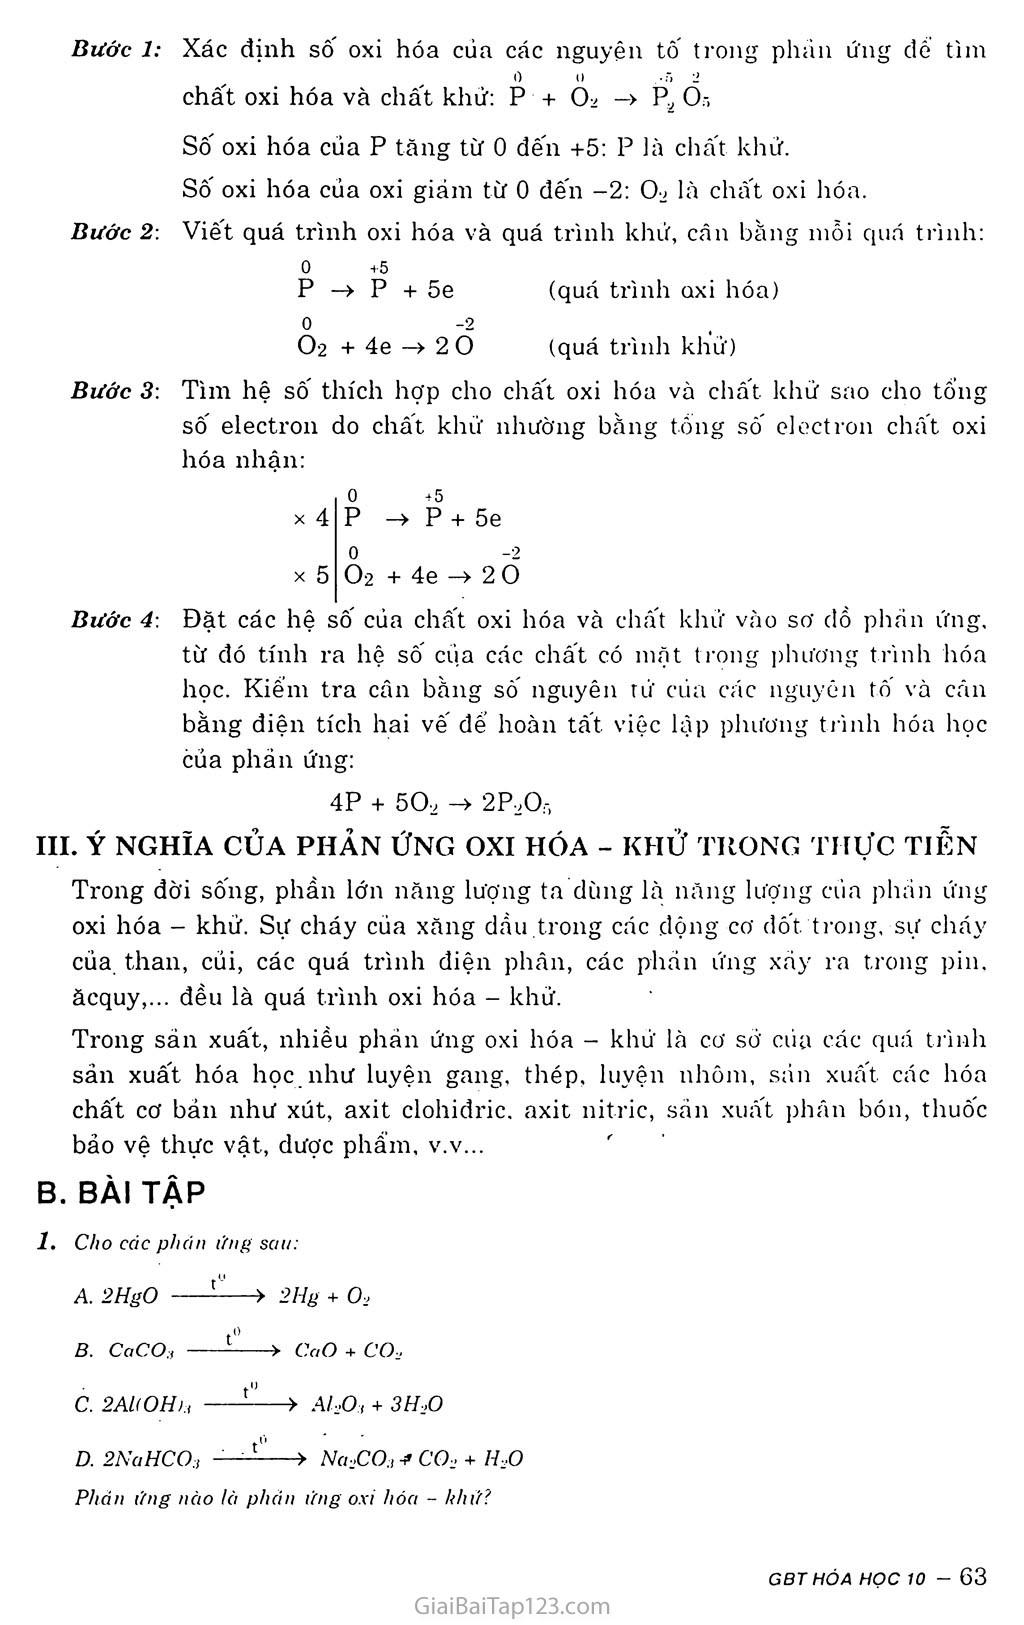 Bài 17: Phản ứng oxi hóa - khử trang 2